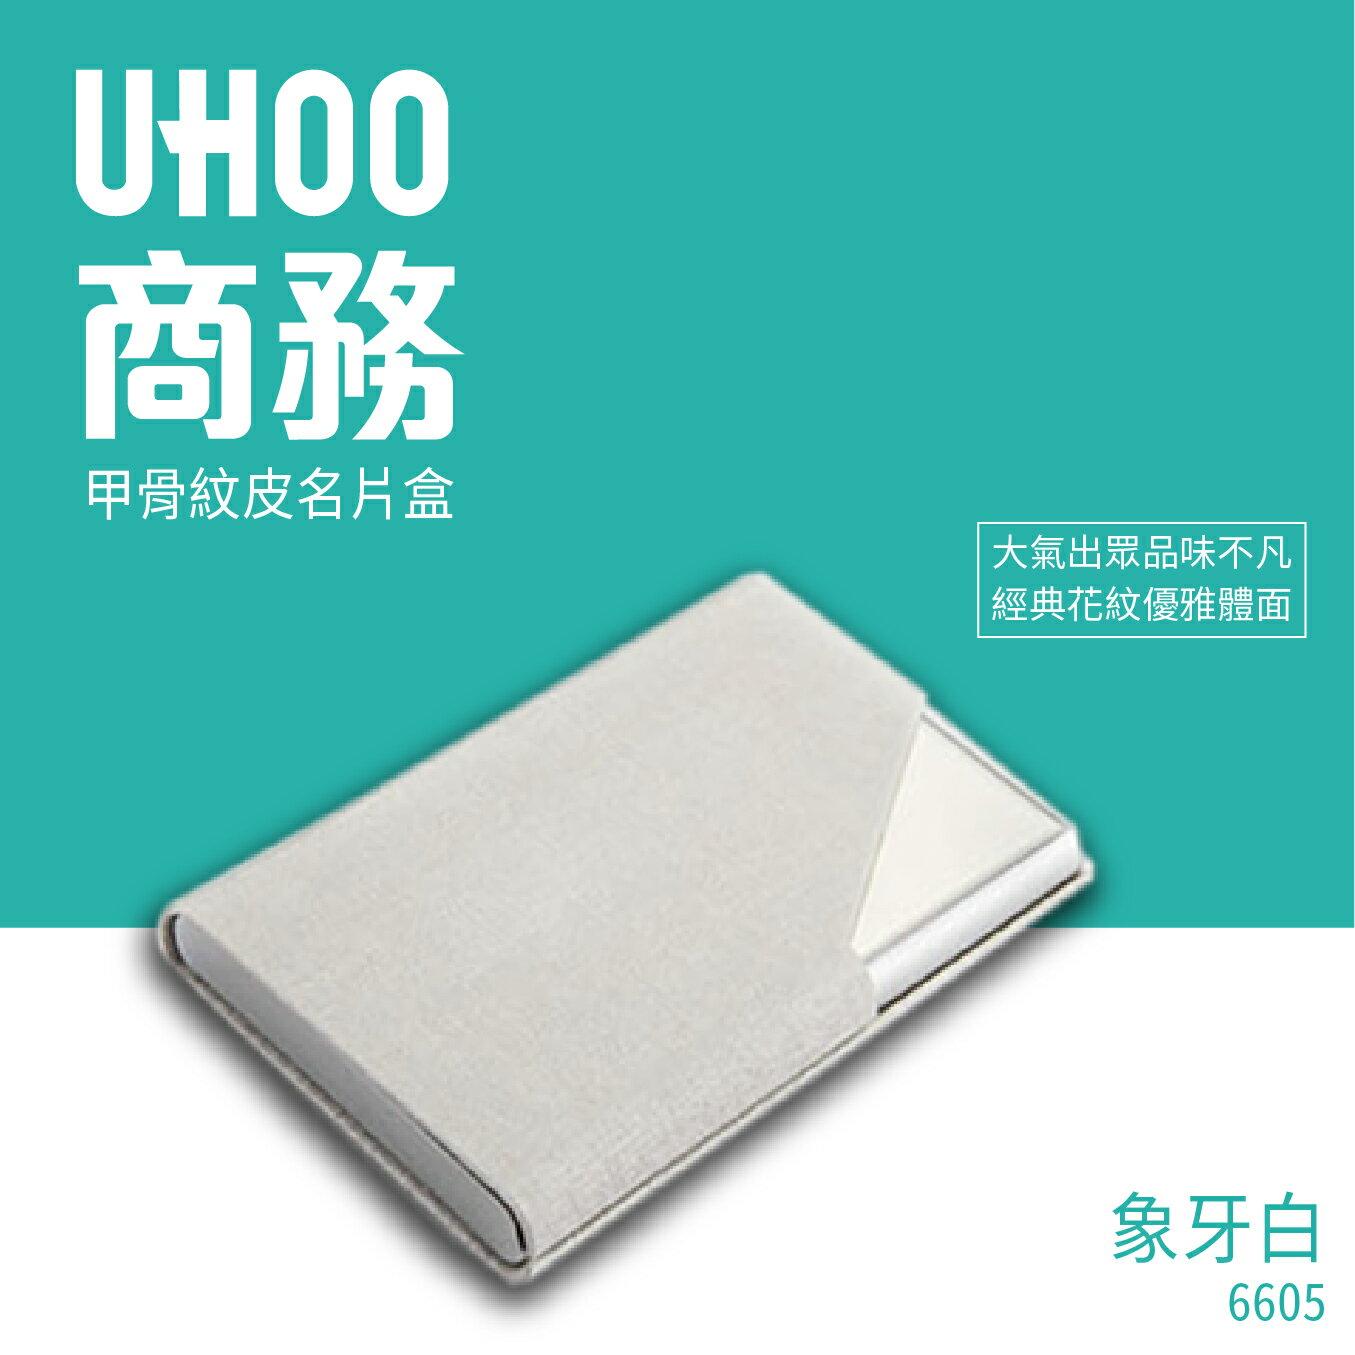 UHOO 6605 商務名片盒(白)名片夾 業務 盒子 名片收納 自我介紹 商務交流 合作名片